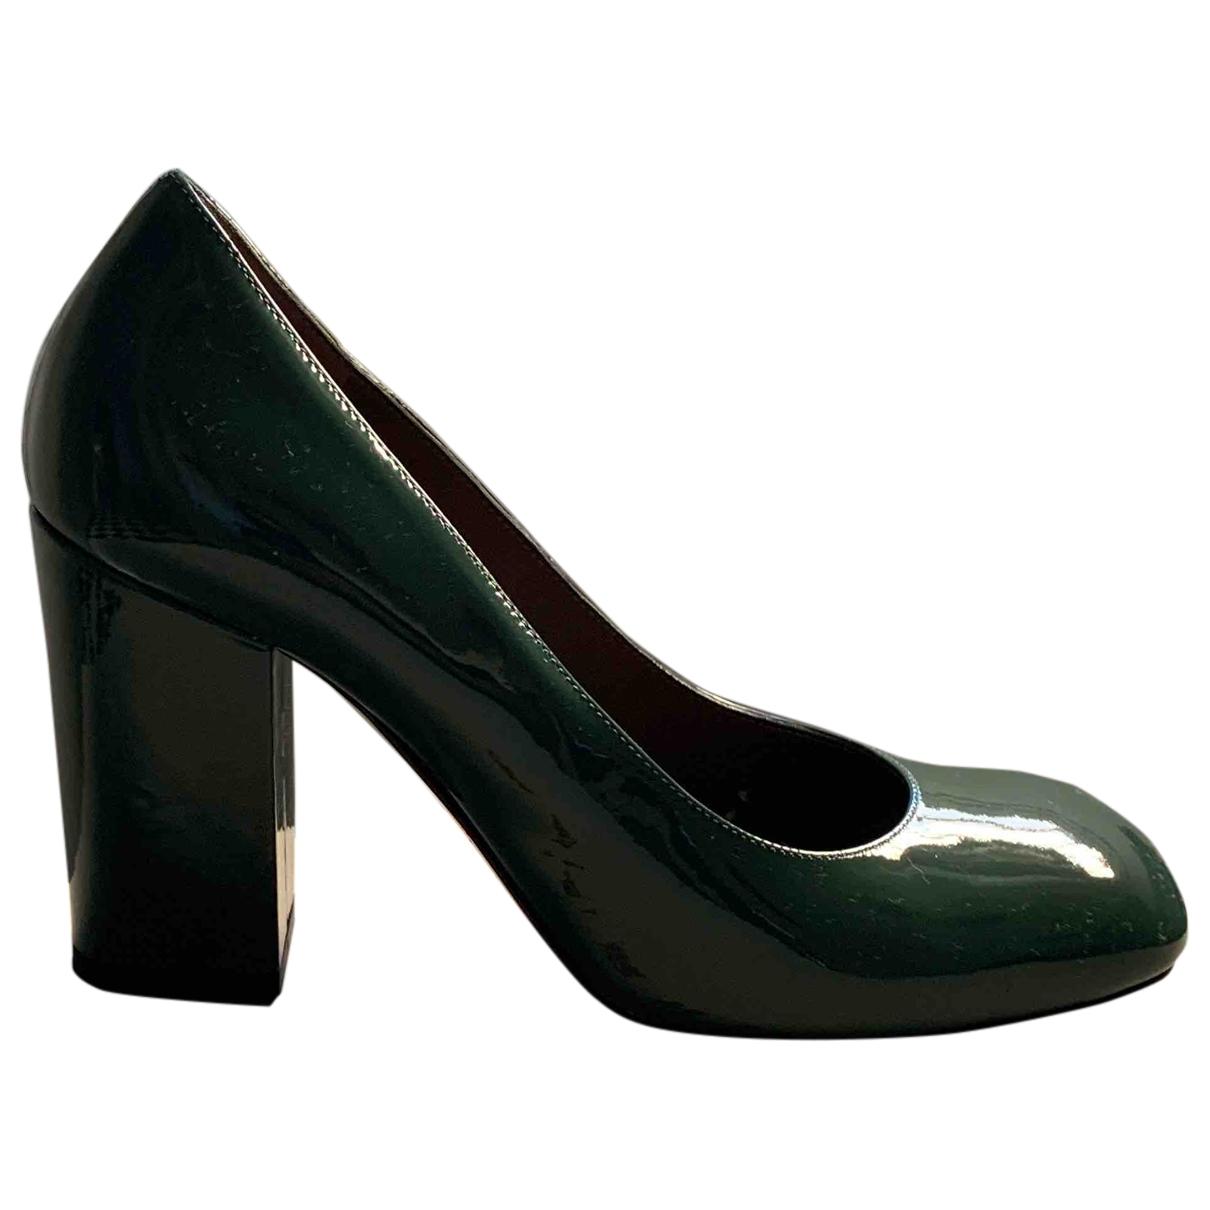 Marni - Escarpins   pour femme en cuir verni - vert